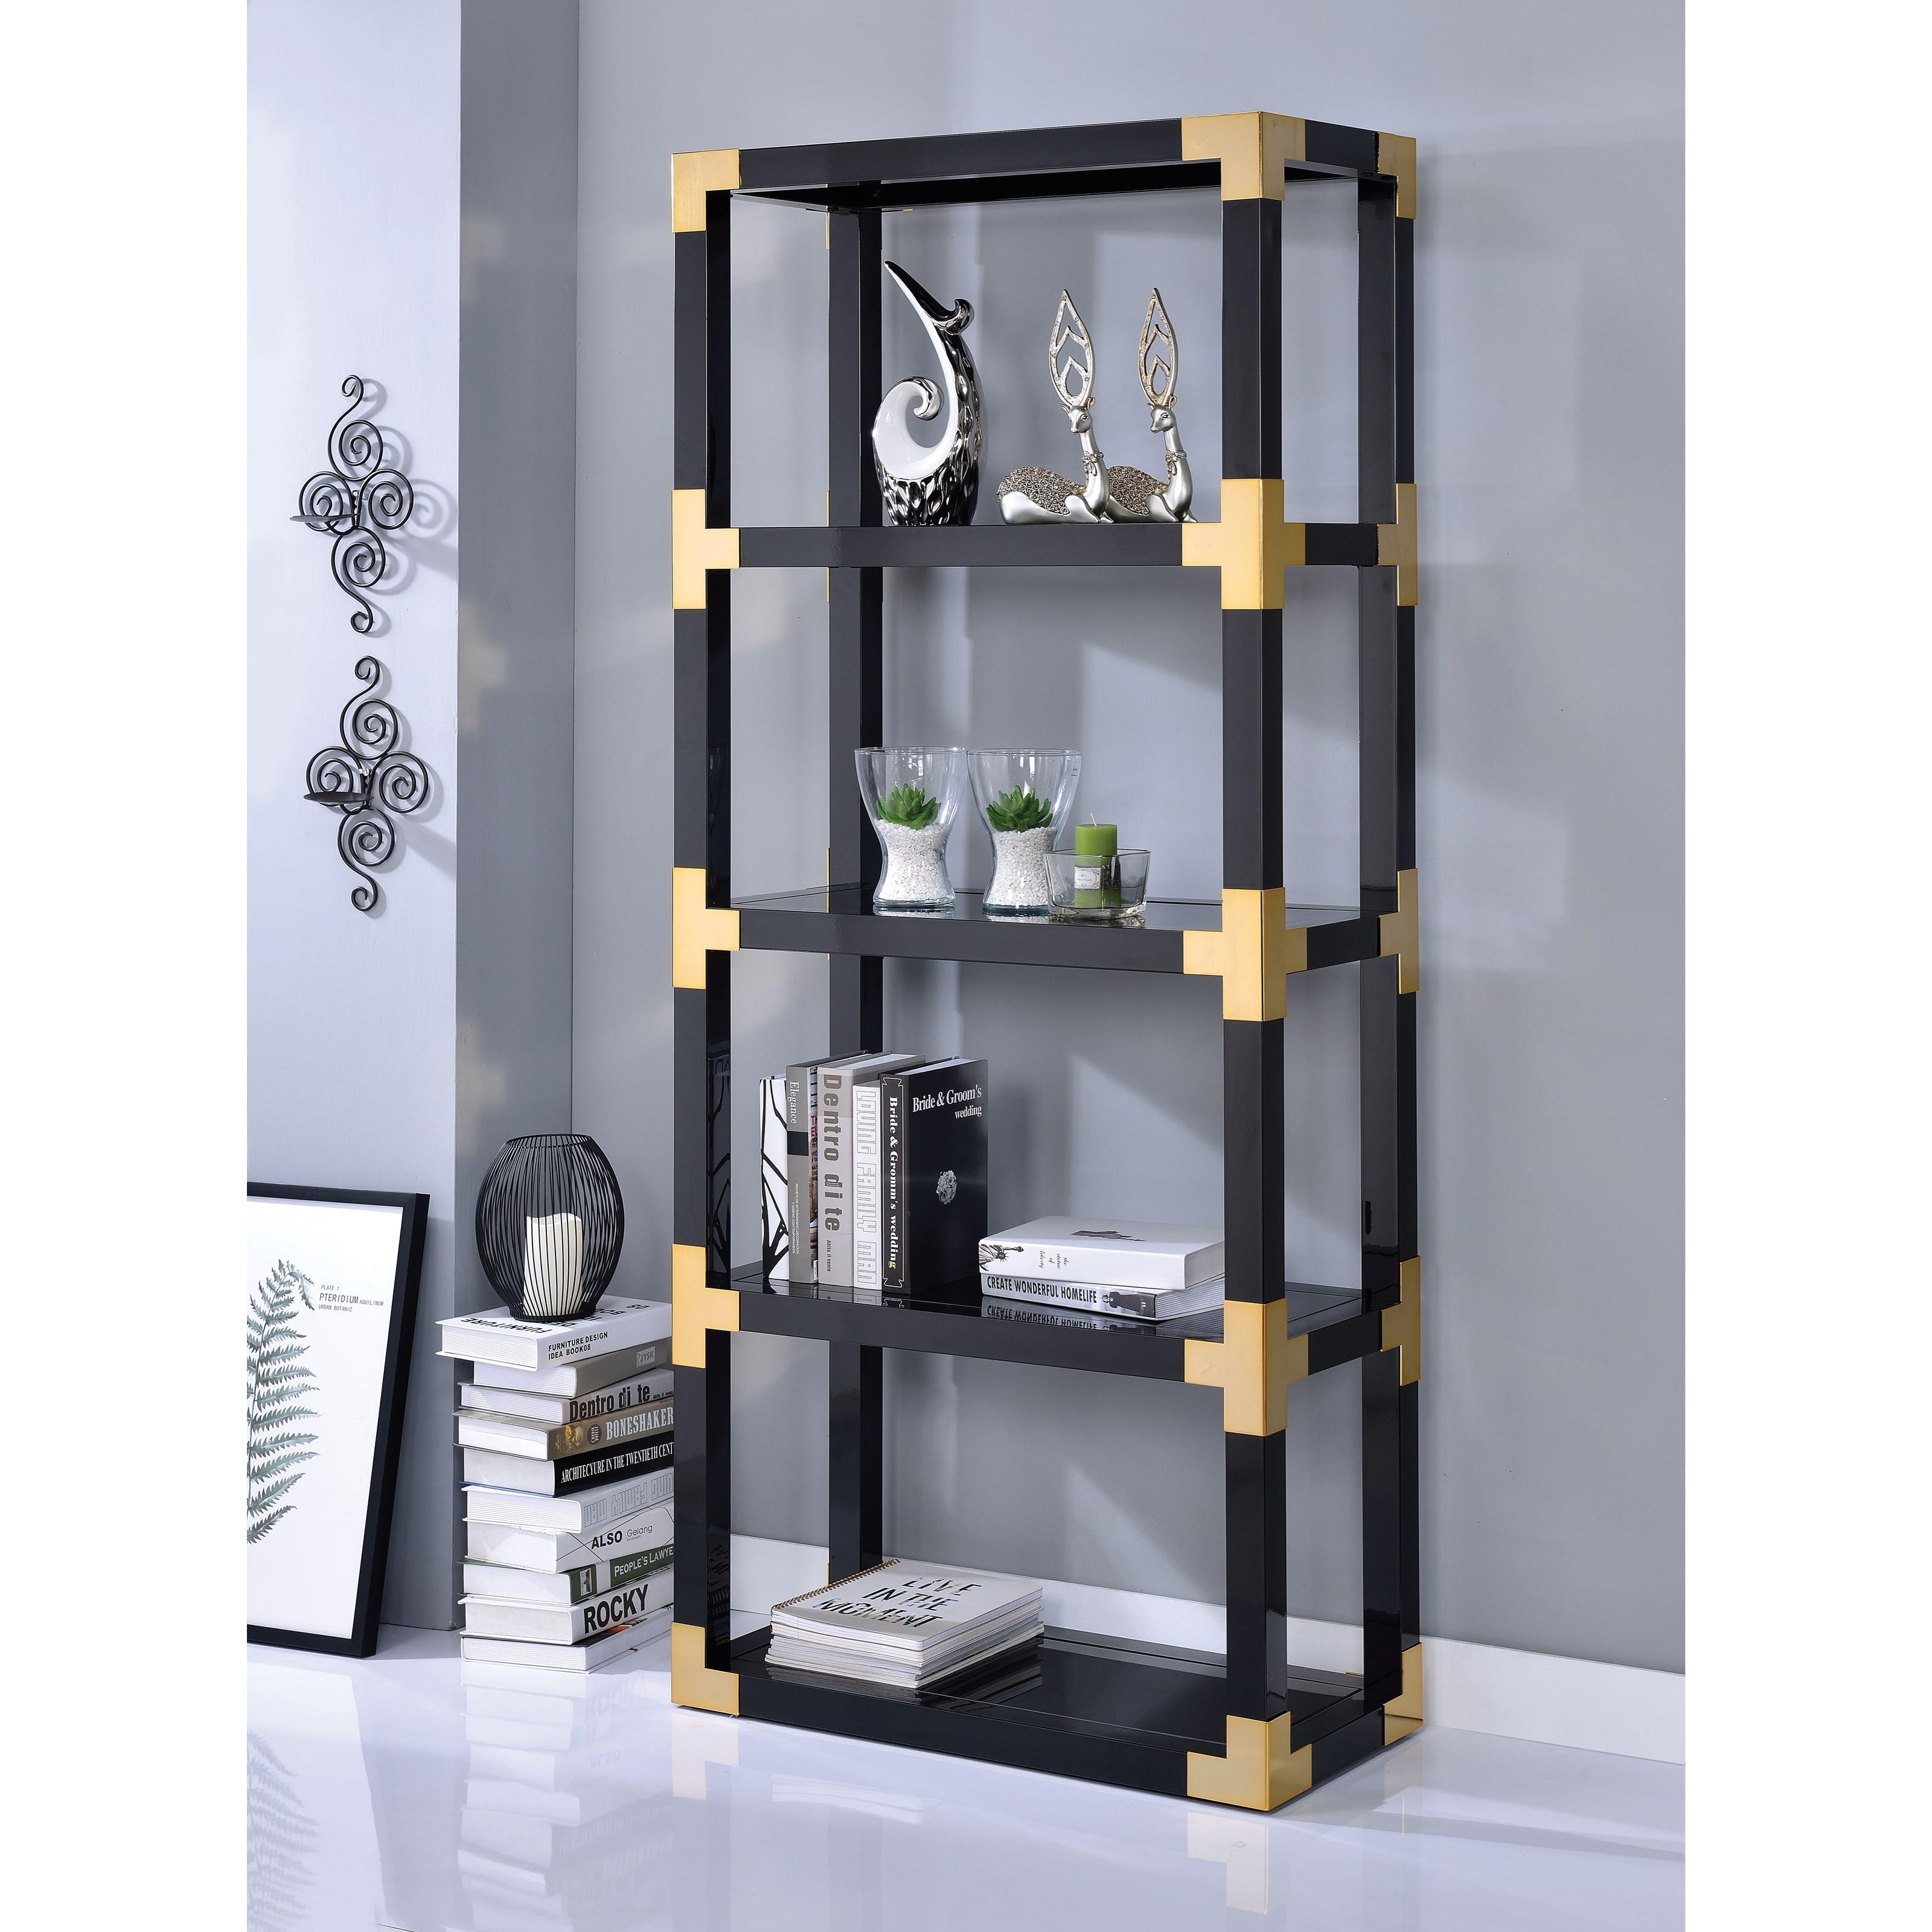 Modern Bookshelf with Glass Shelves